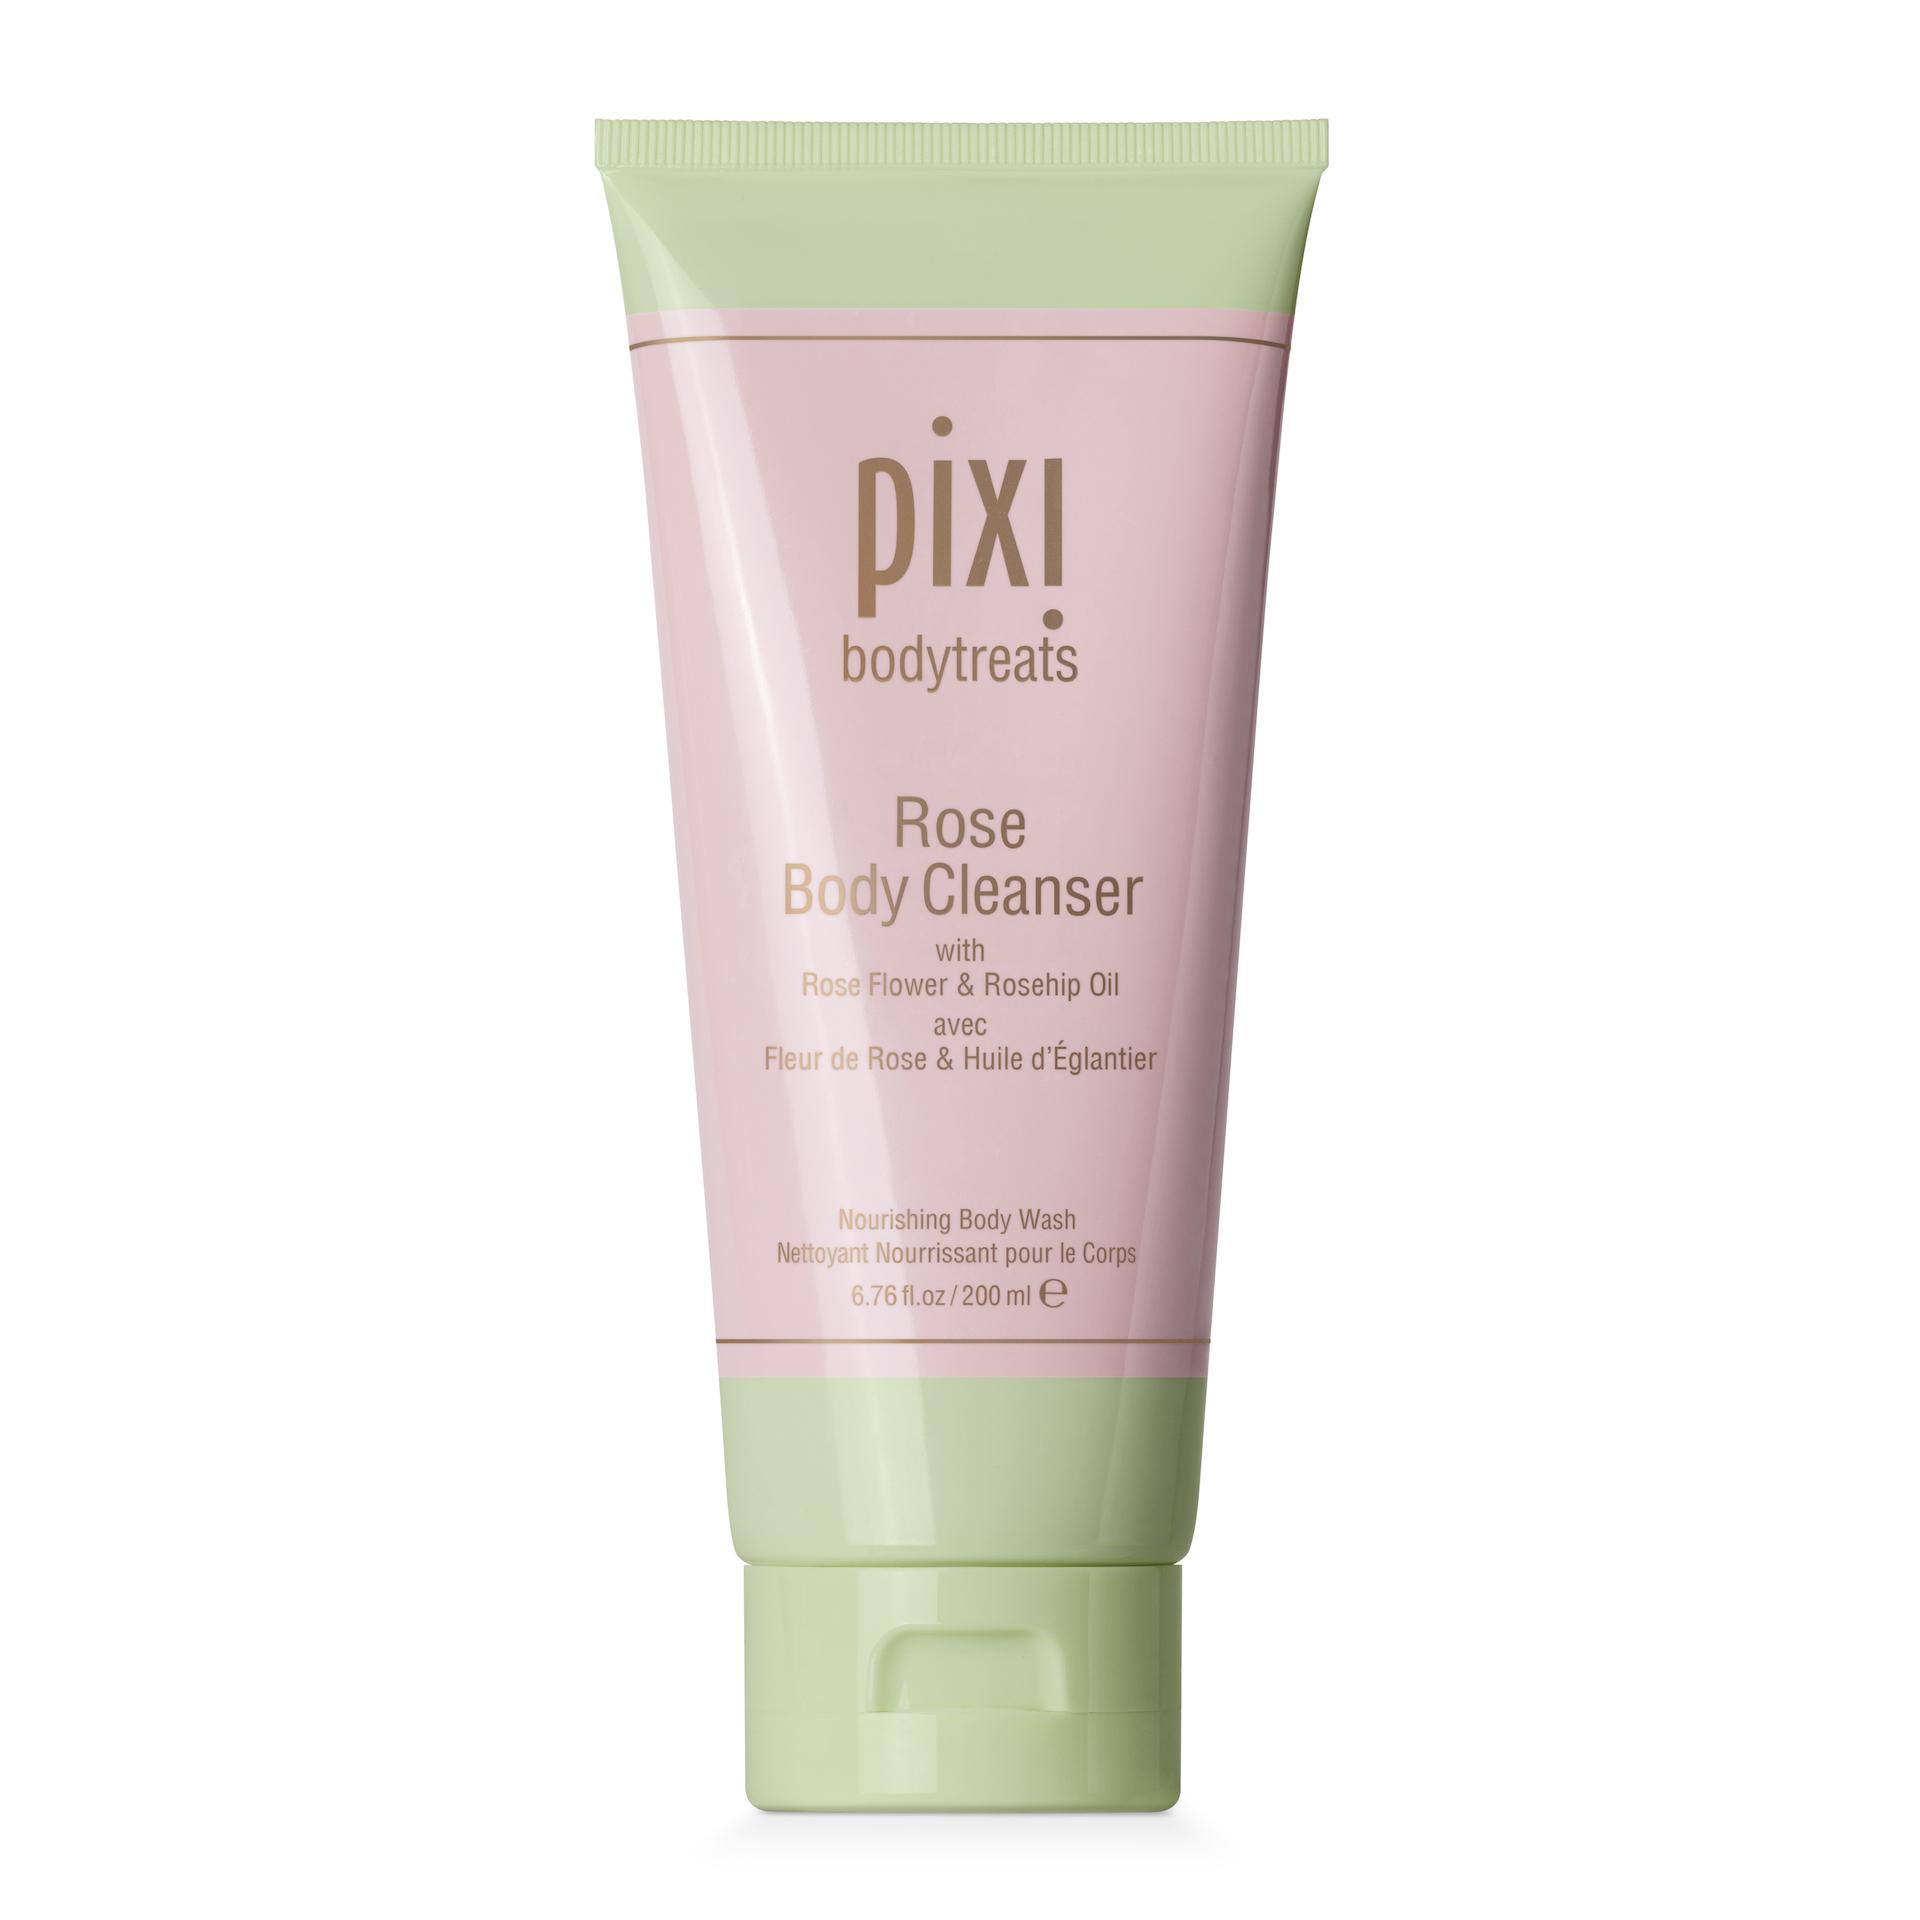 Rose Body Cleanser Shower Gel